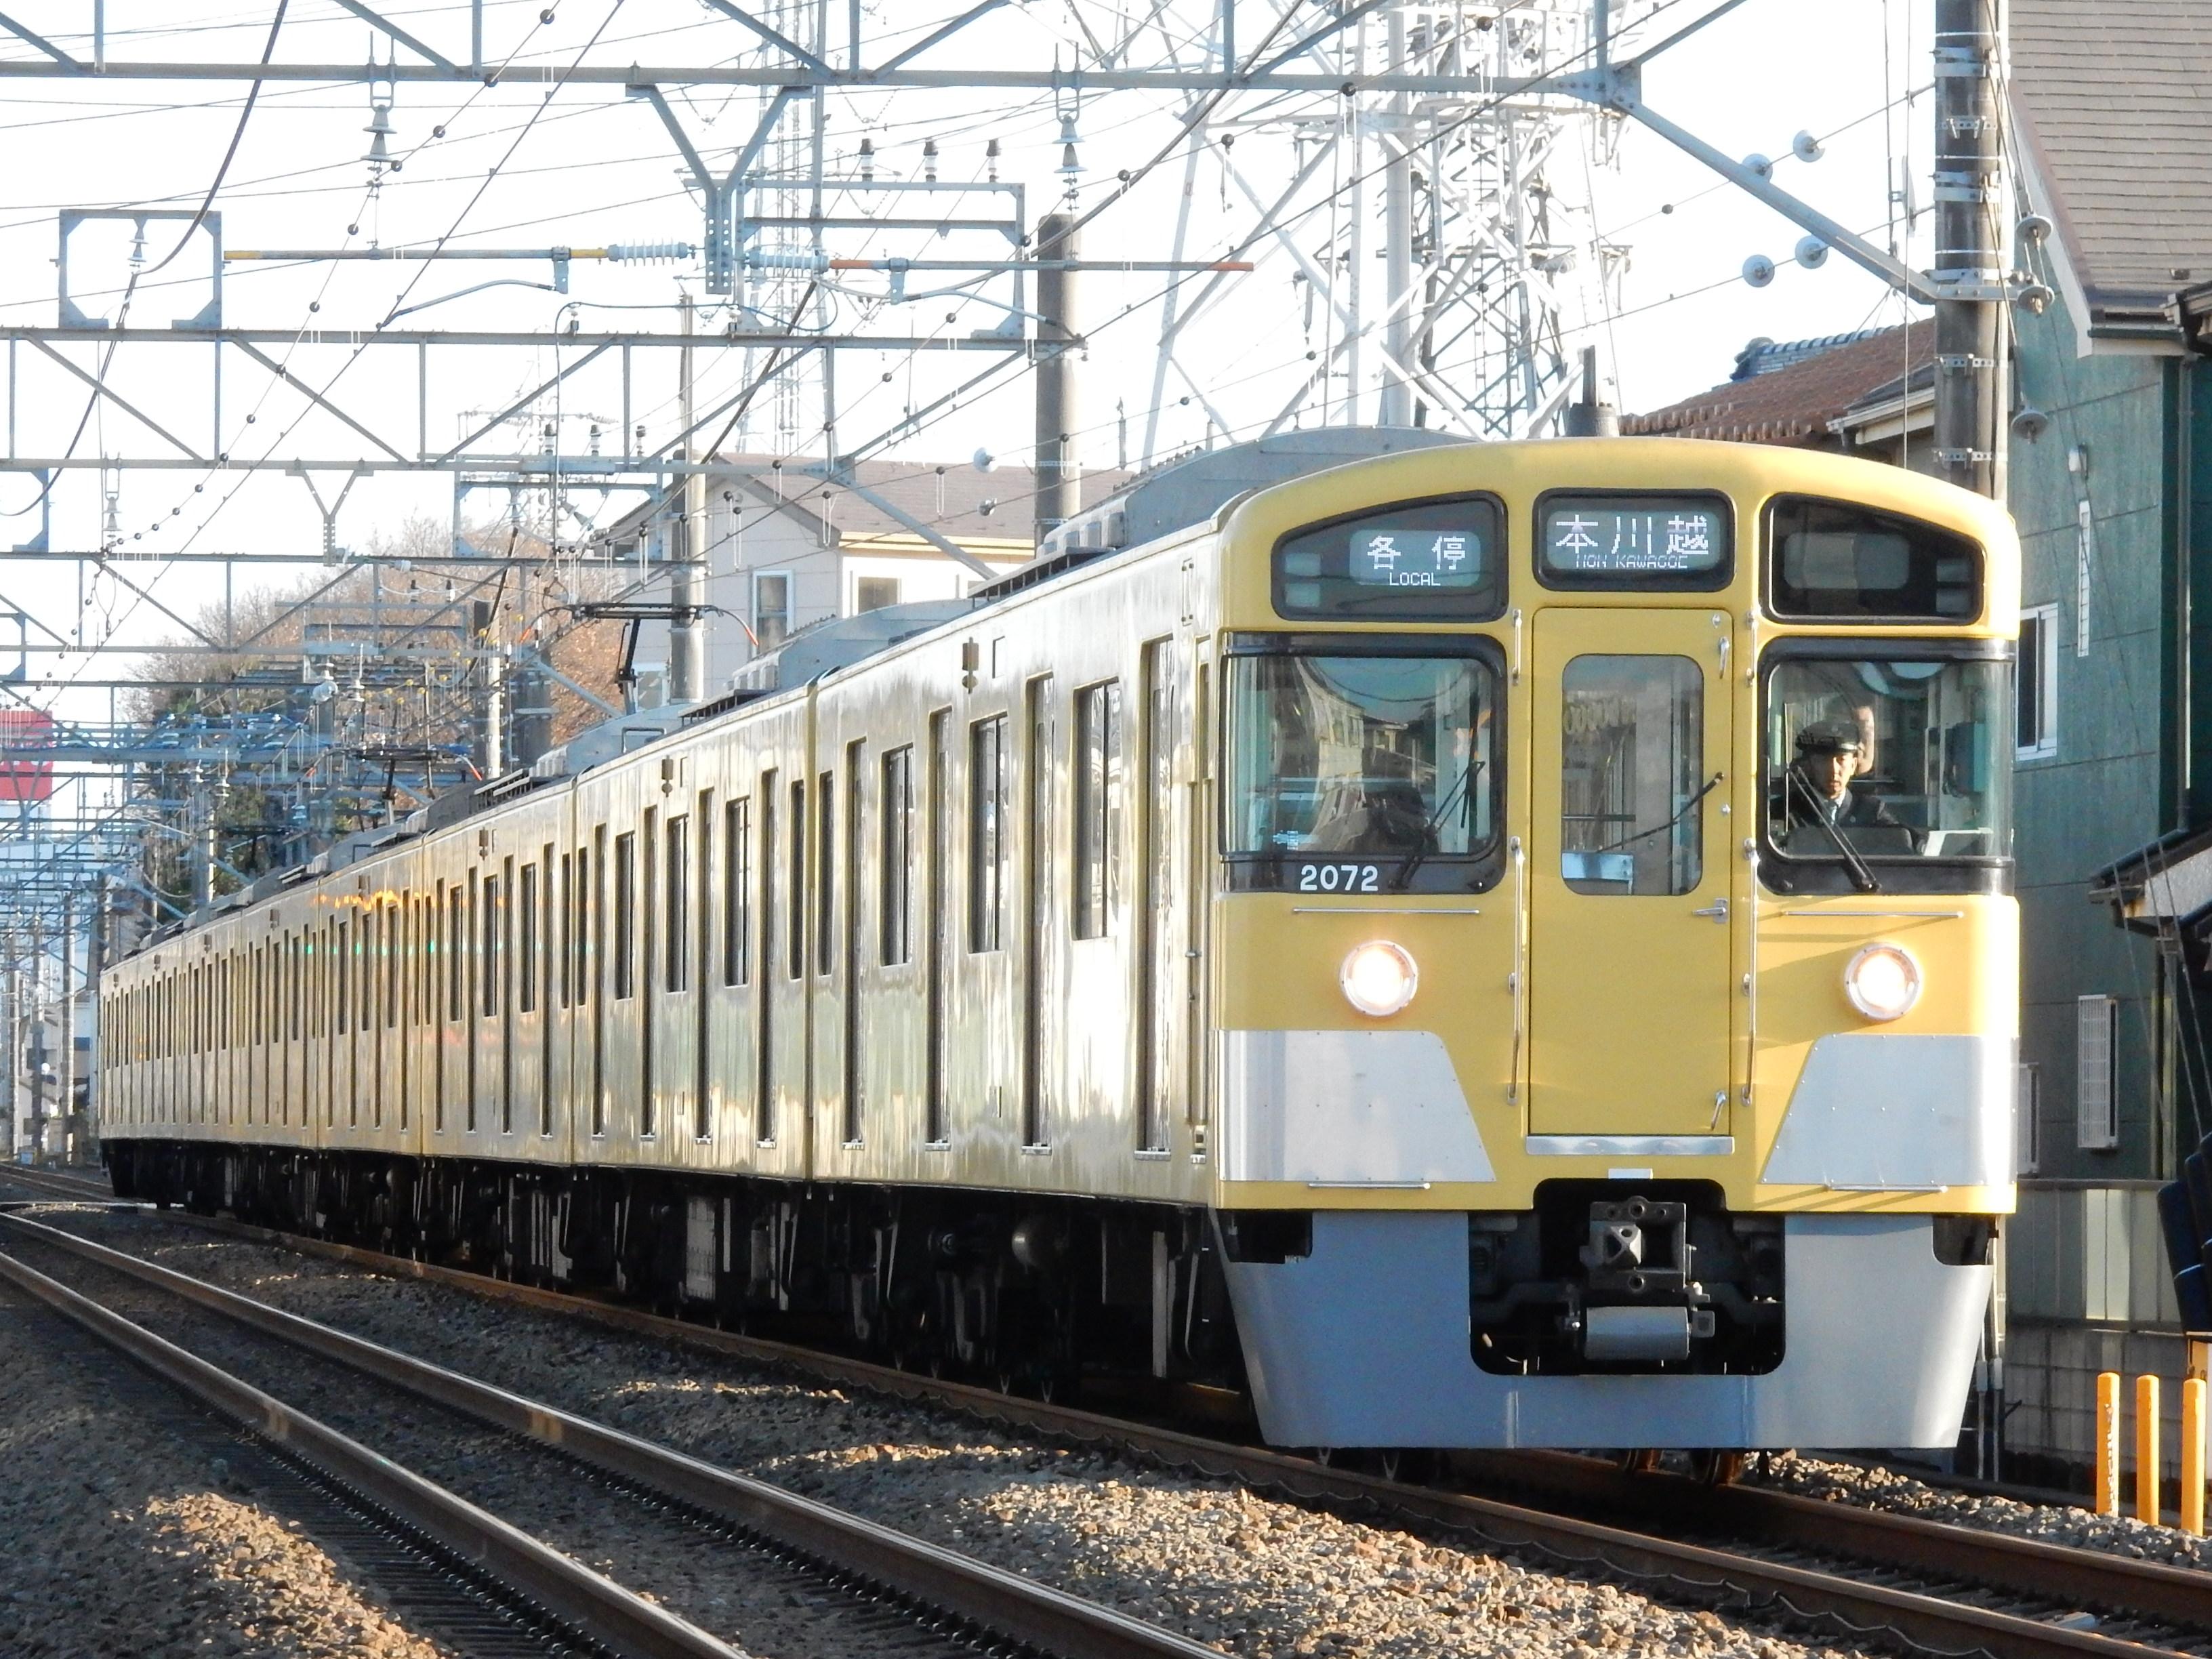 DSCN8913.jpg